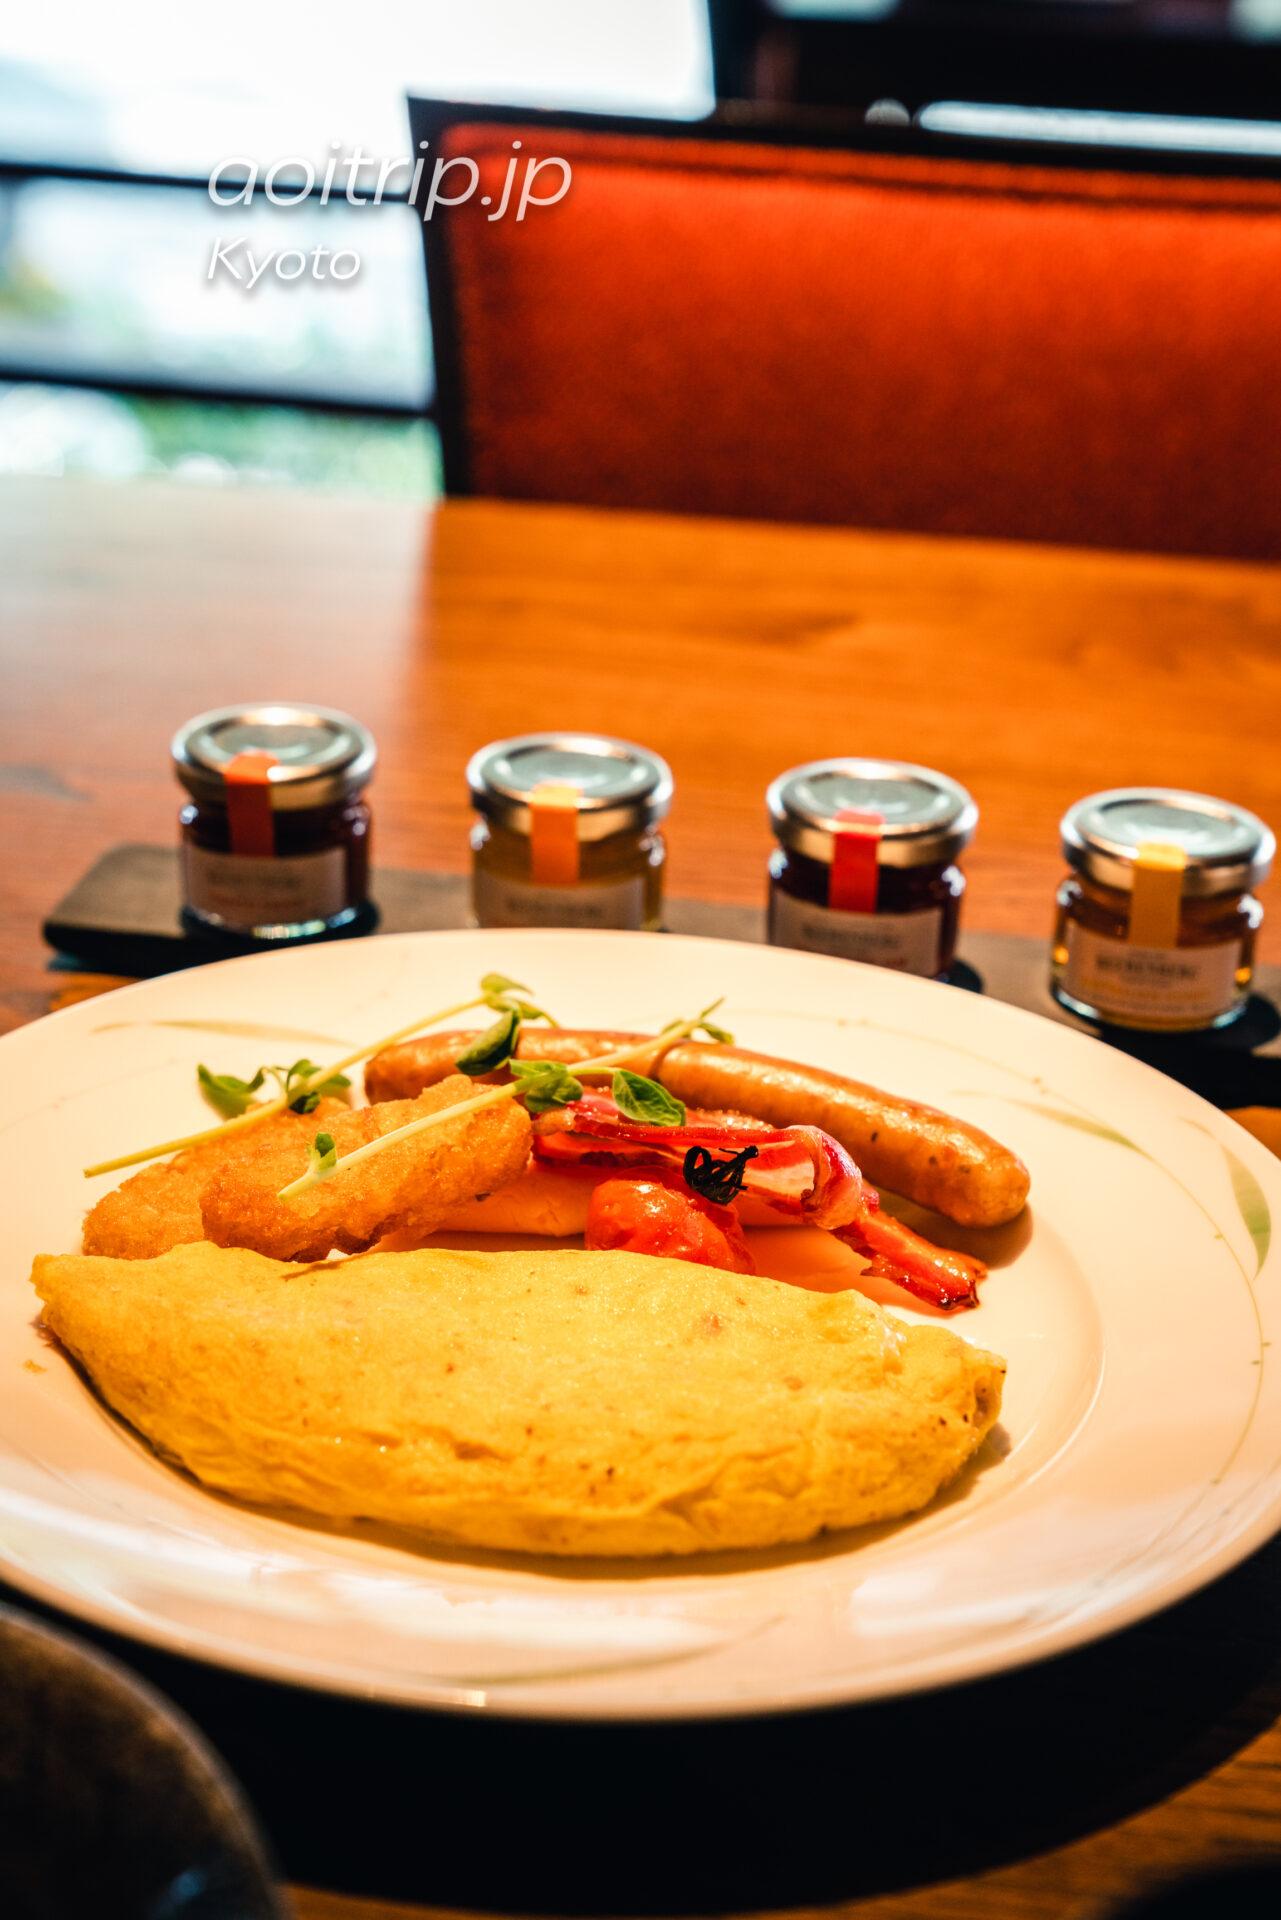 翠嵐 ラグジュアリーコレクションホテル 京都 レストラン京翠嵐の朝食オムレツ